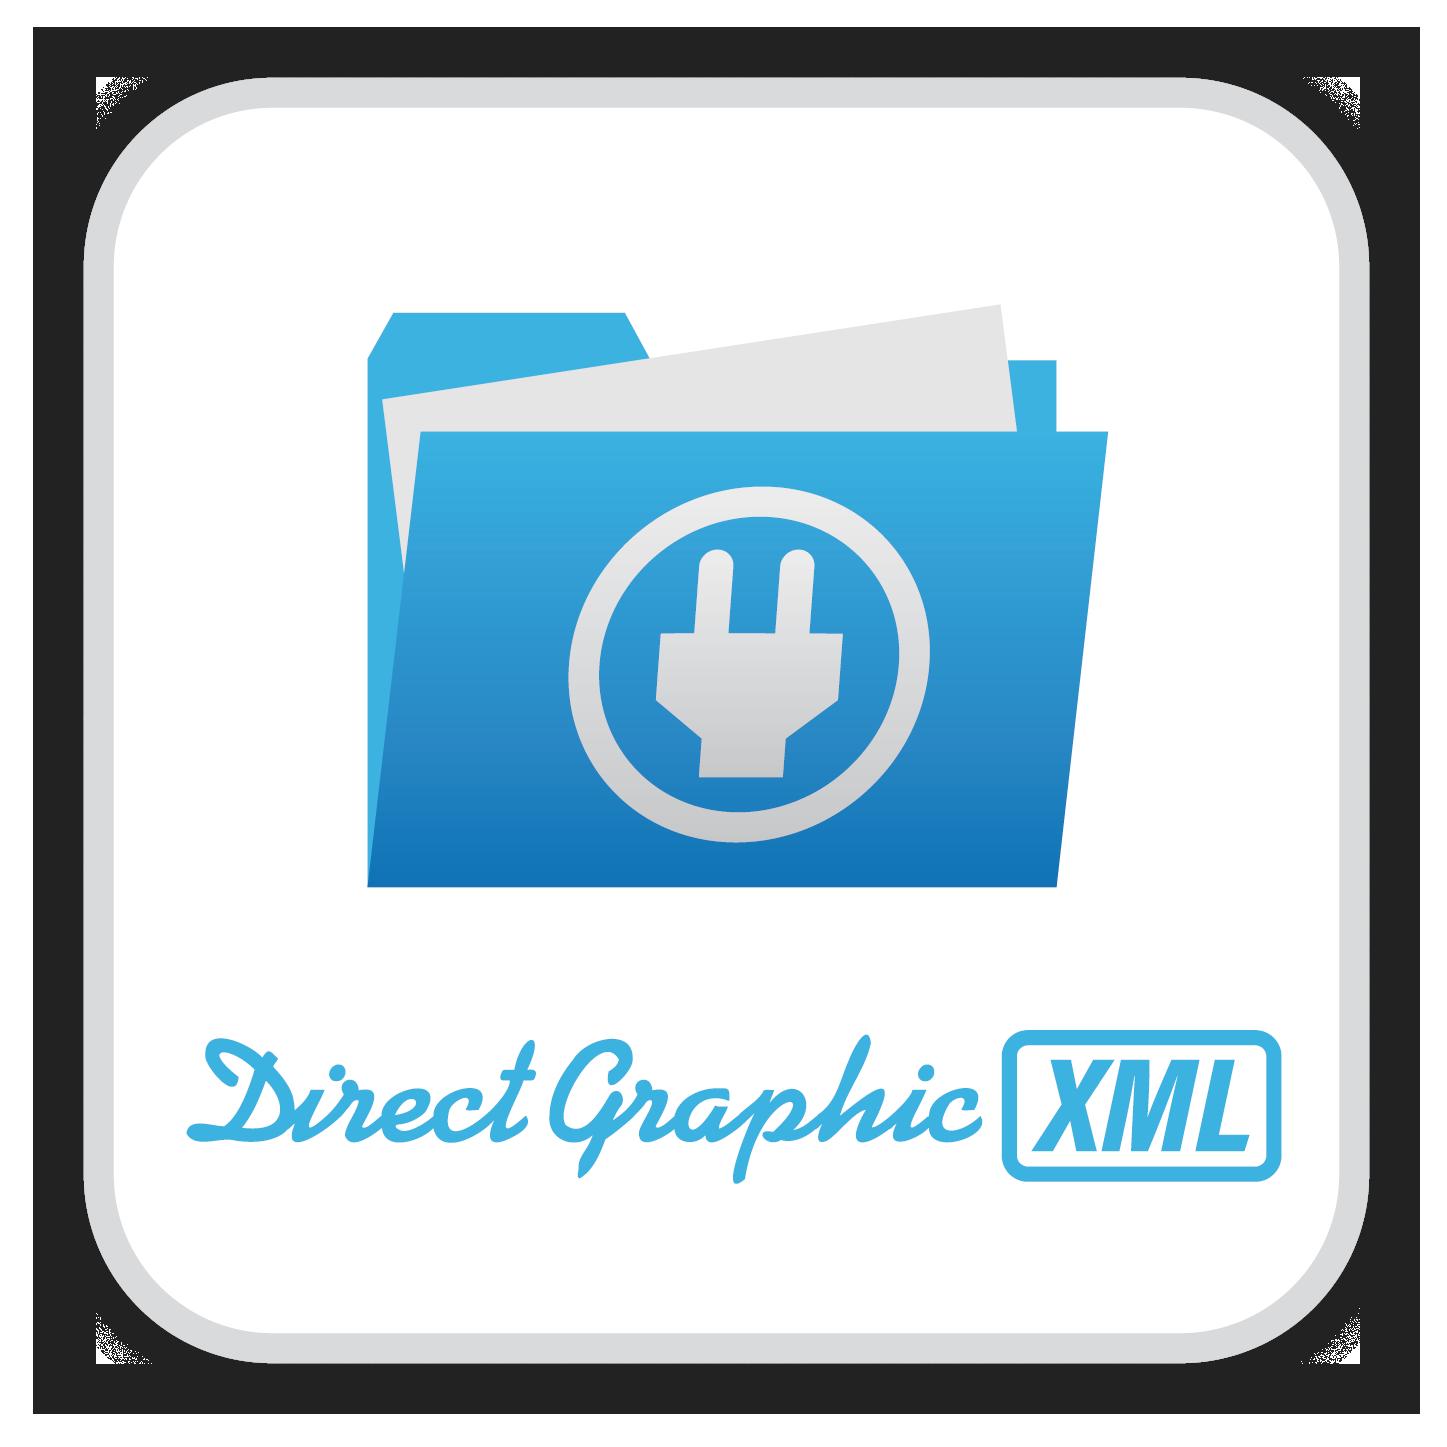 logo plugin directgraphic-xml